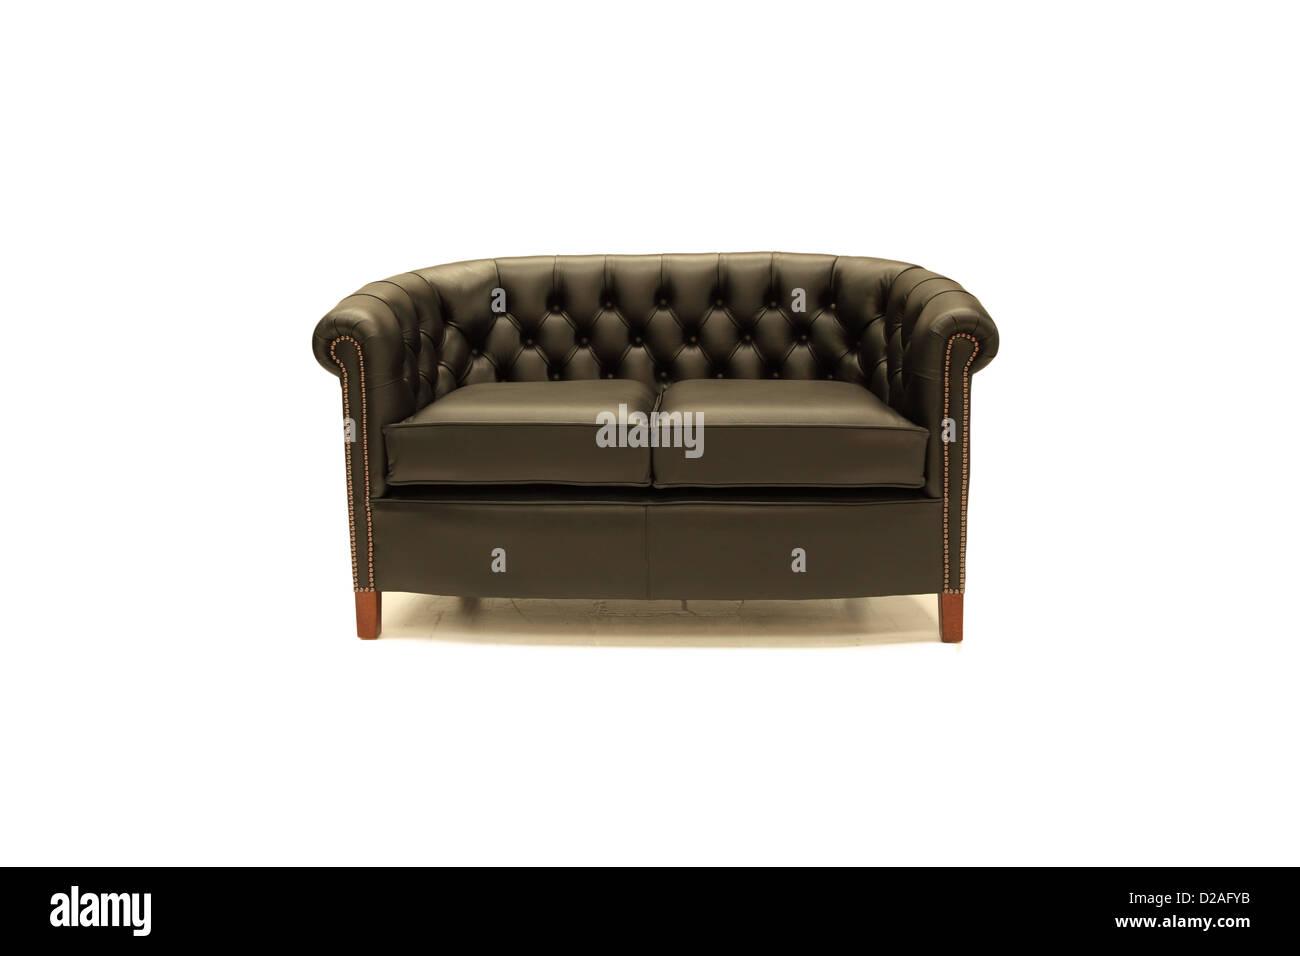 Canapé Chesterfield en cuir Photo Stock